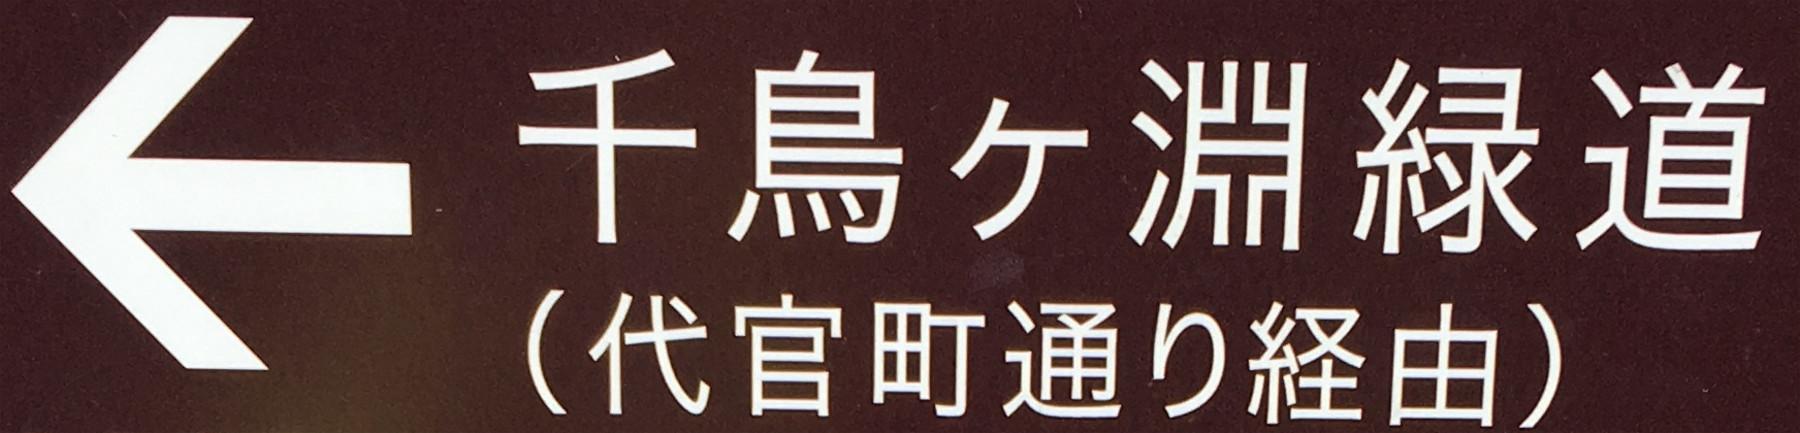 千鳥ヶ淵緑道 (代官町通り経由) 1230m